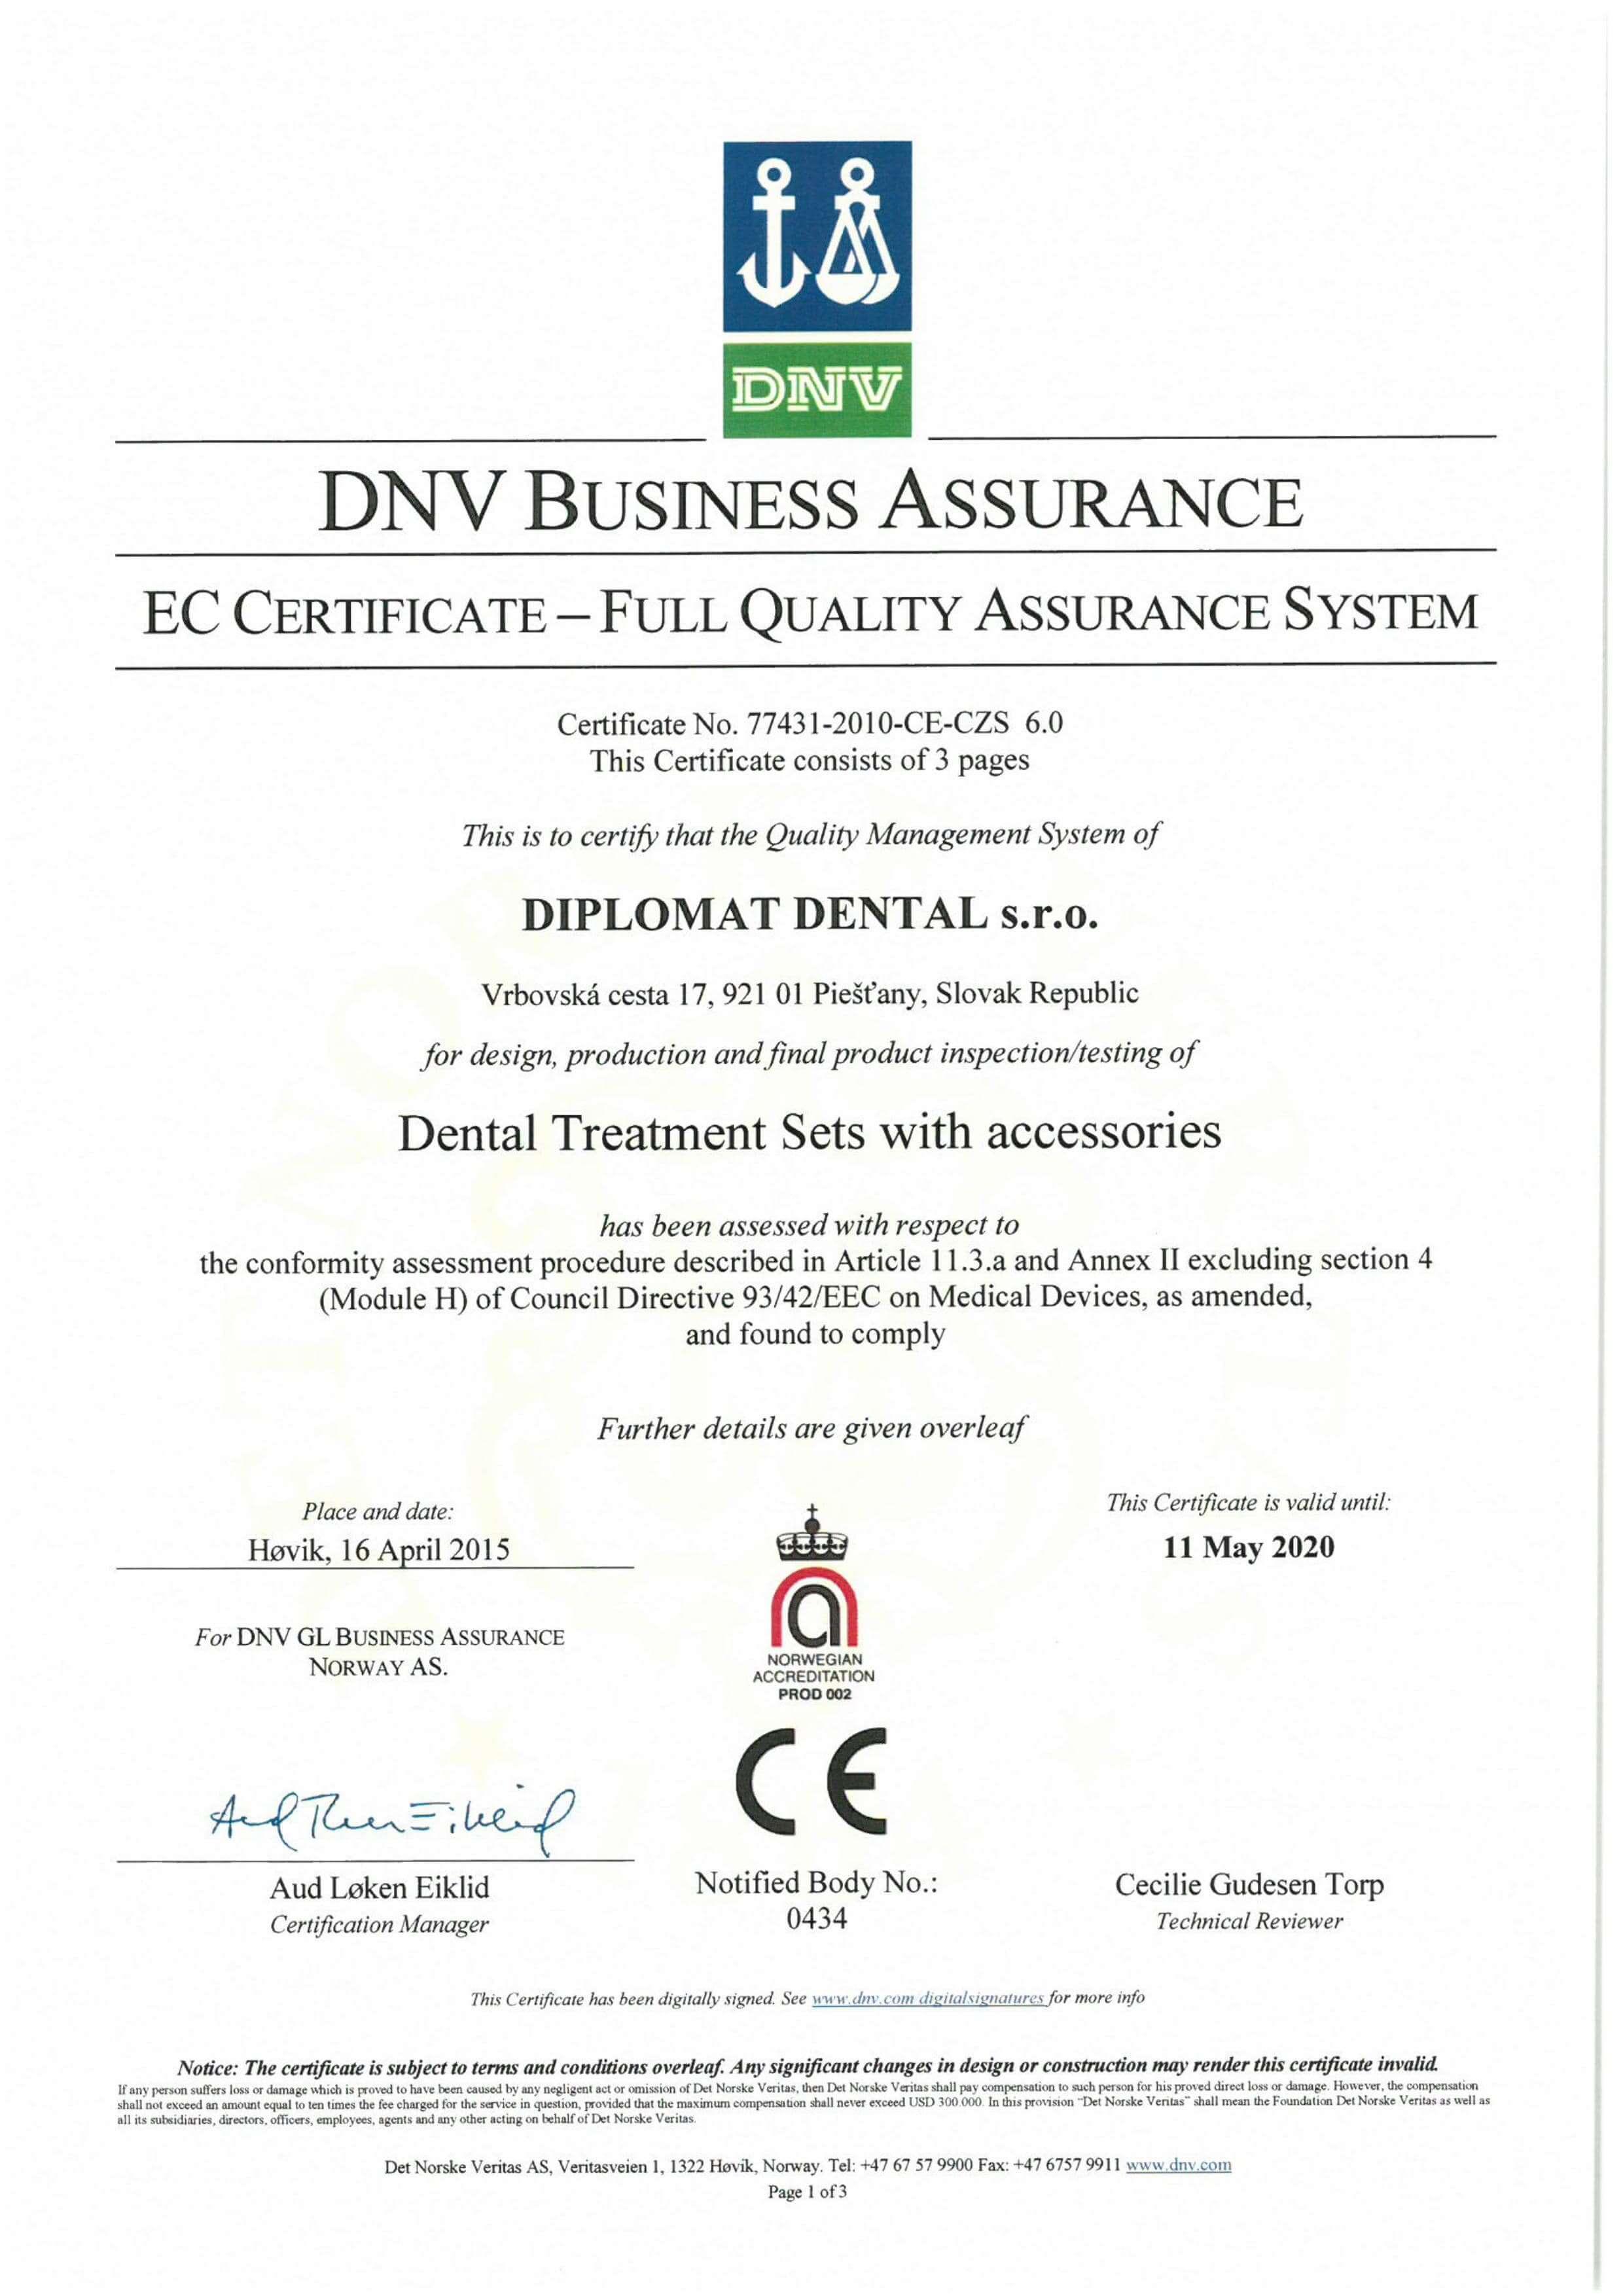 Certyfikat EC Diplomat Dental unity